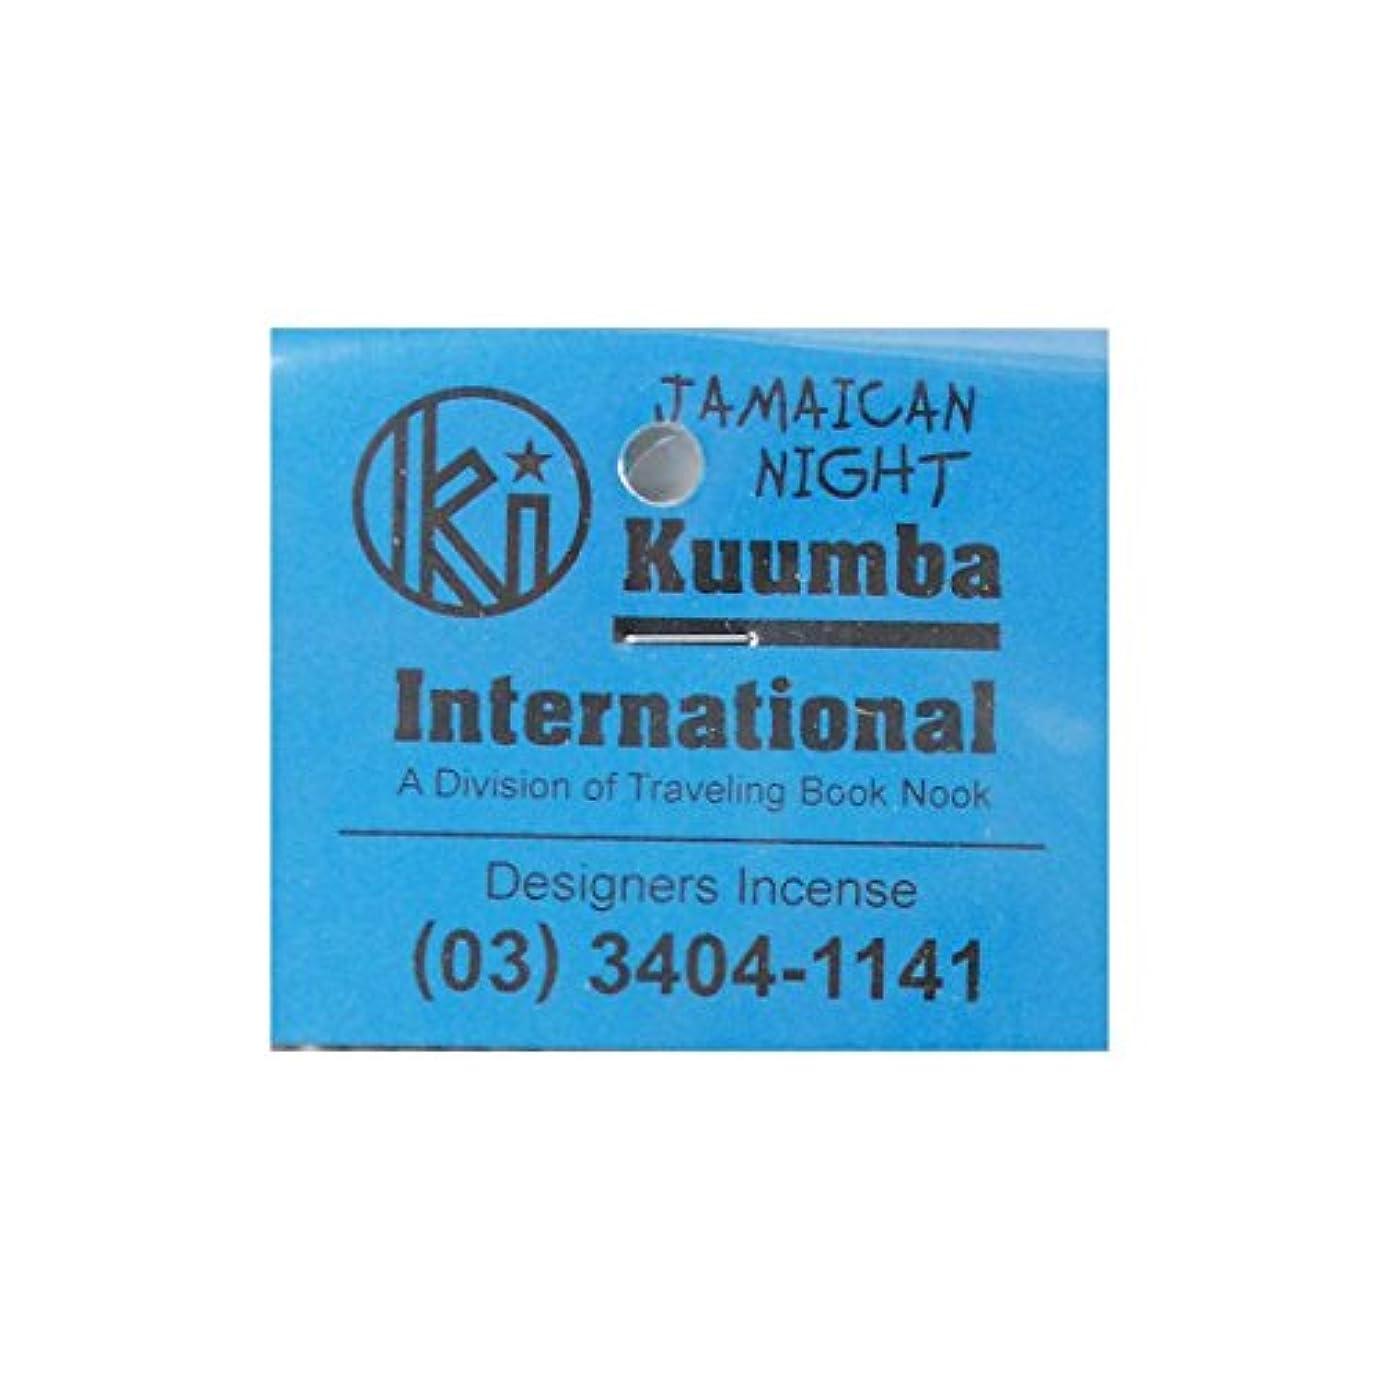 農夫変化農夫KUUMBA INTERNATIONAL クンバ インターナショナル incense MiniStick